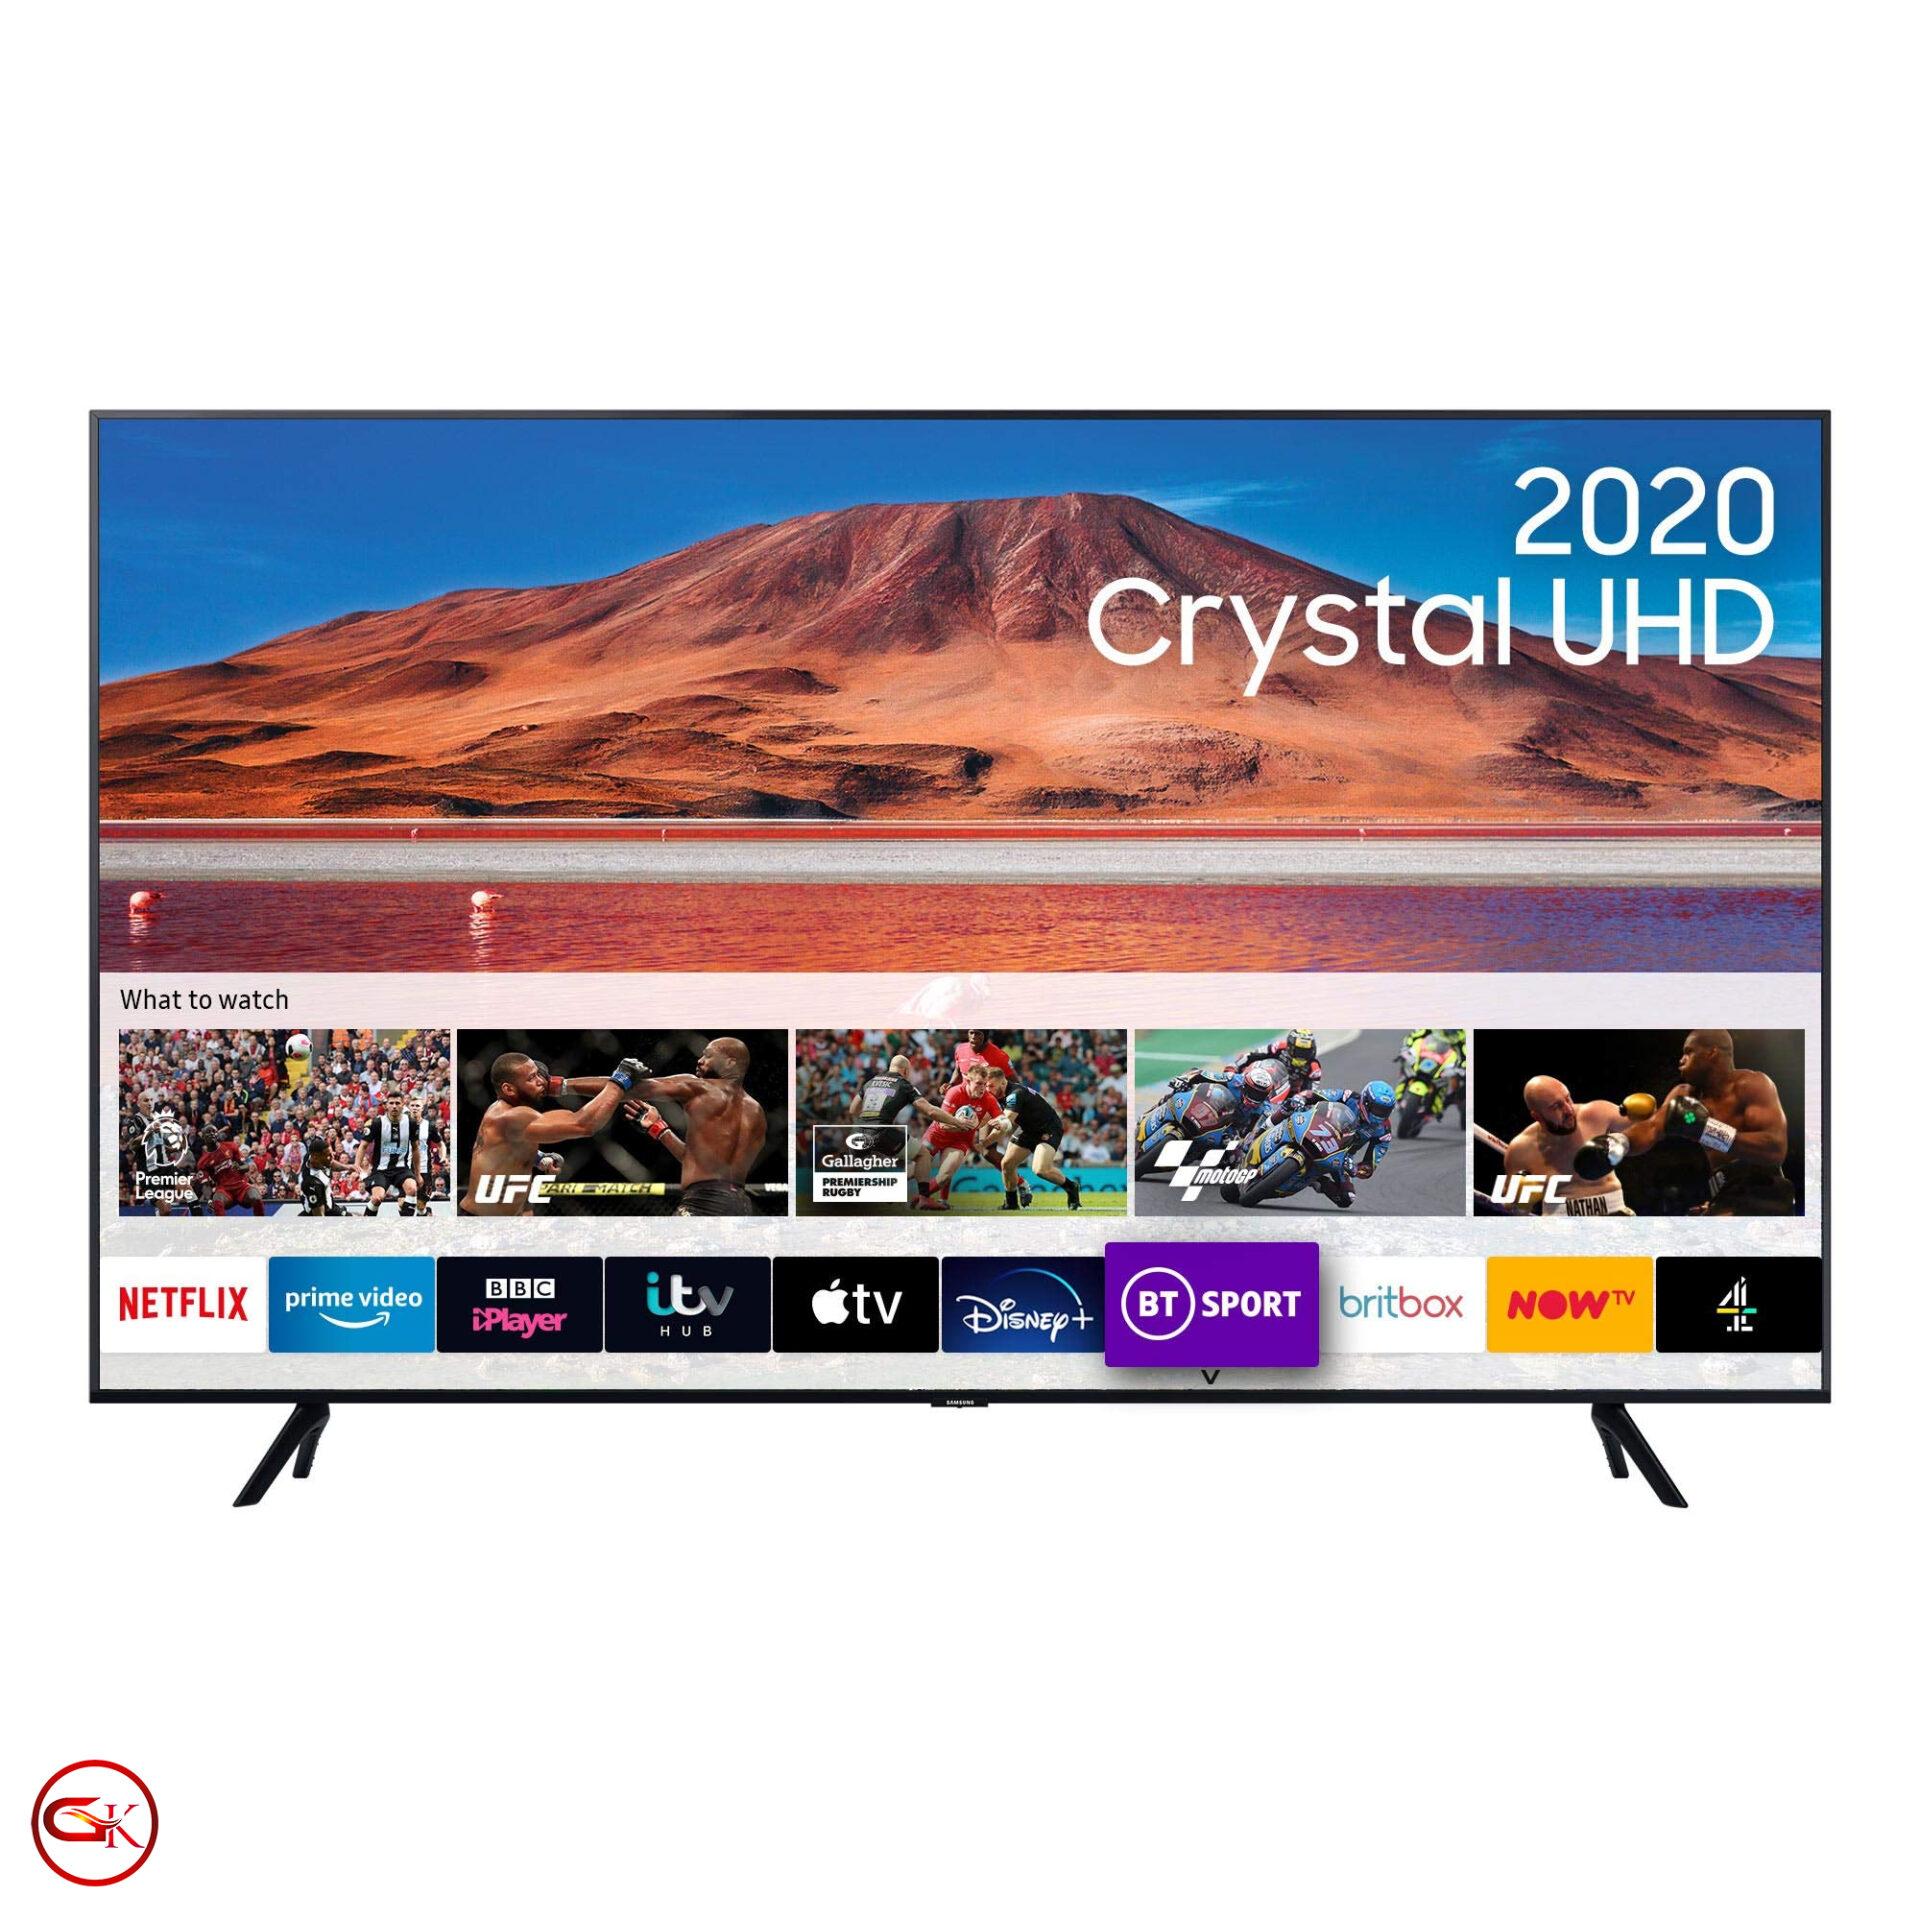 تلویزیون 65 اینچ Samsung T7000 با کیفیت تصویر 4K